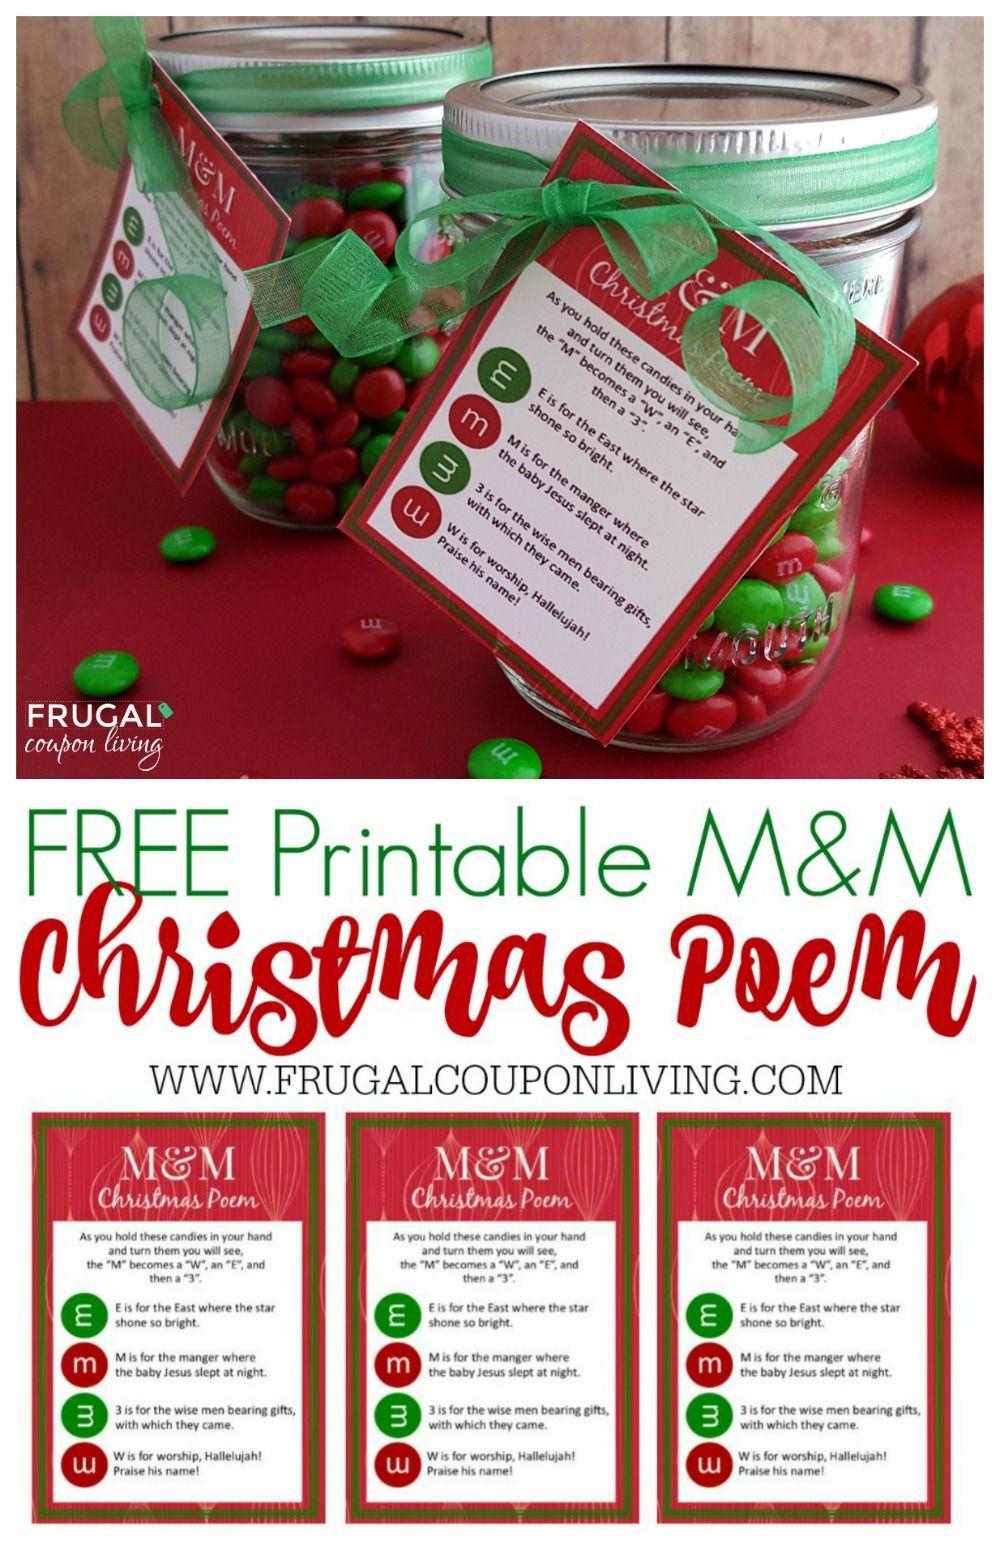 M&m Christmas Poem | Christmas Printables 6 | Pinterest | Christmas - Free Printable Christian Christmas Poems